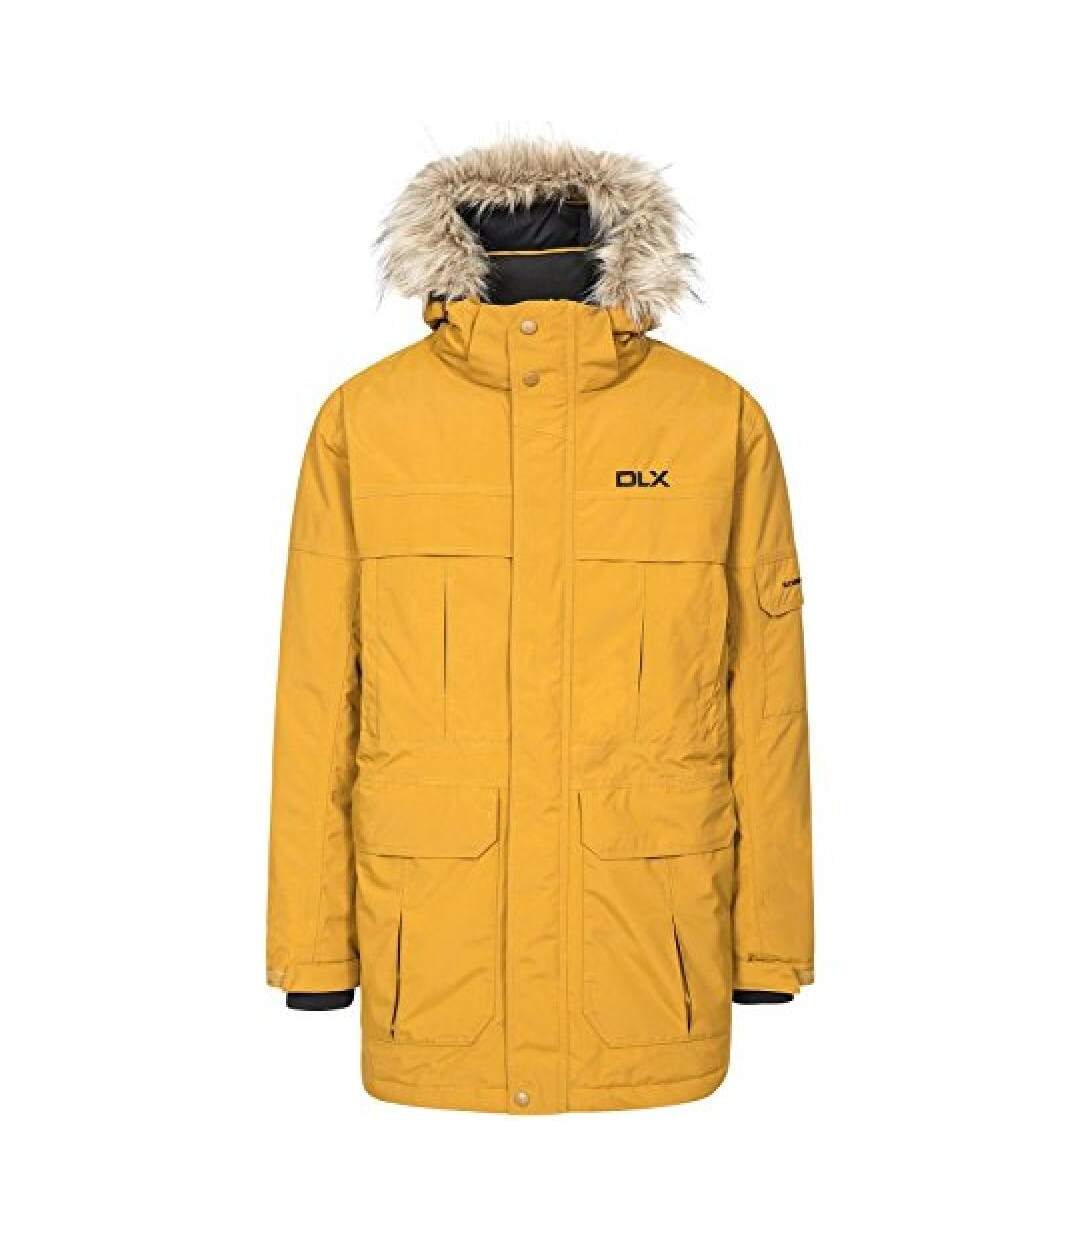 Trespass Mens Highland Waterproof Parka Jacket (Golden Brown) - UTTP1304